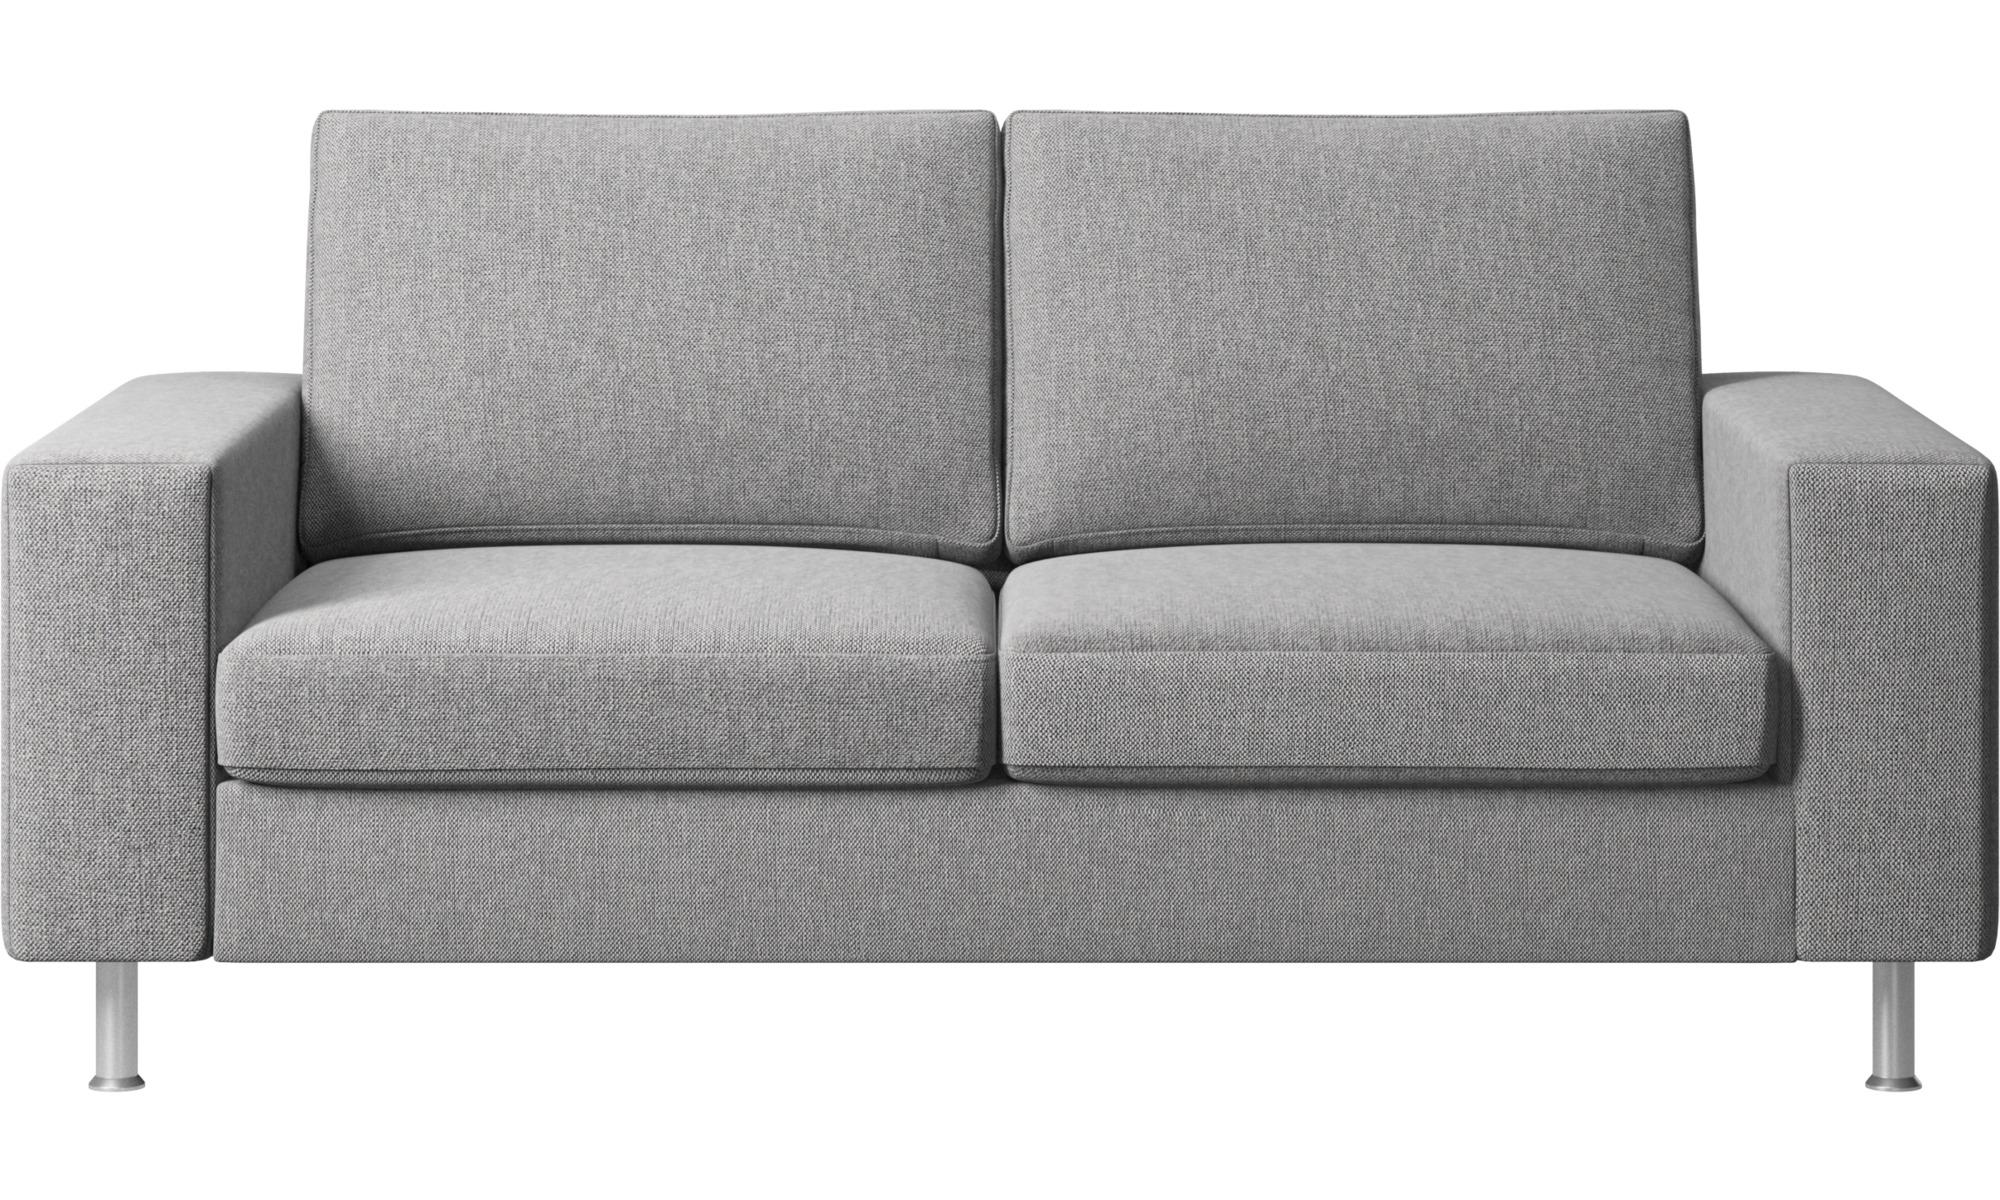 2 Seater Sofas Indivi Sofa Boconcept